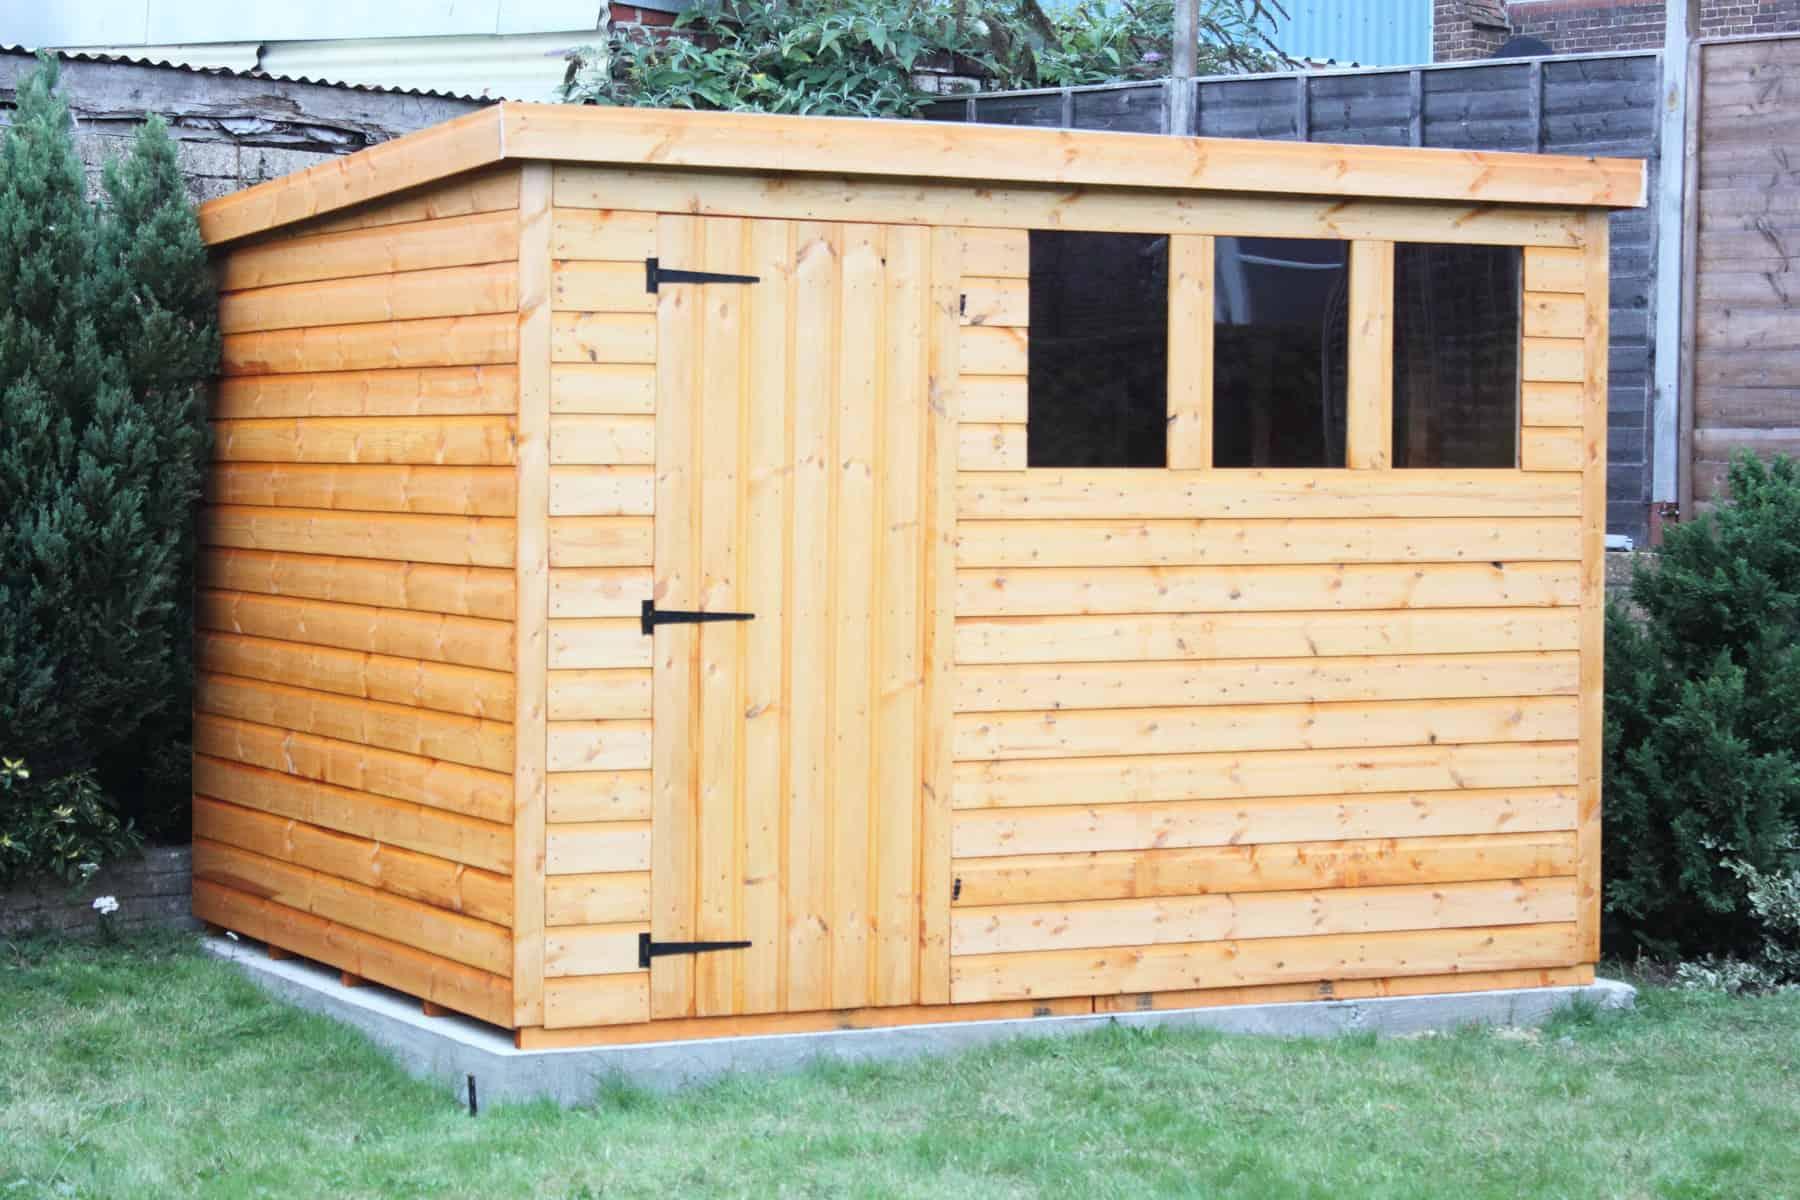 outbuilding ideas - a garden shed